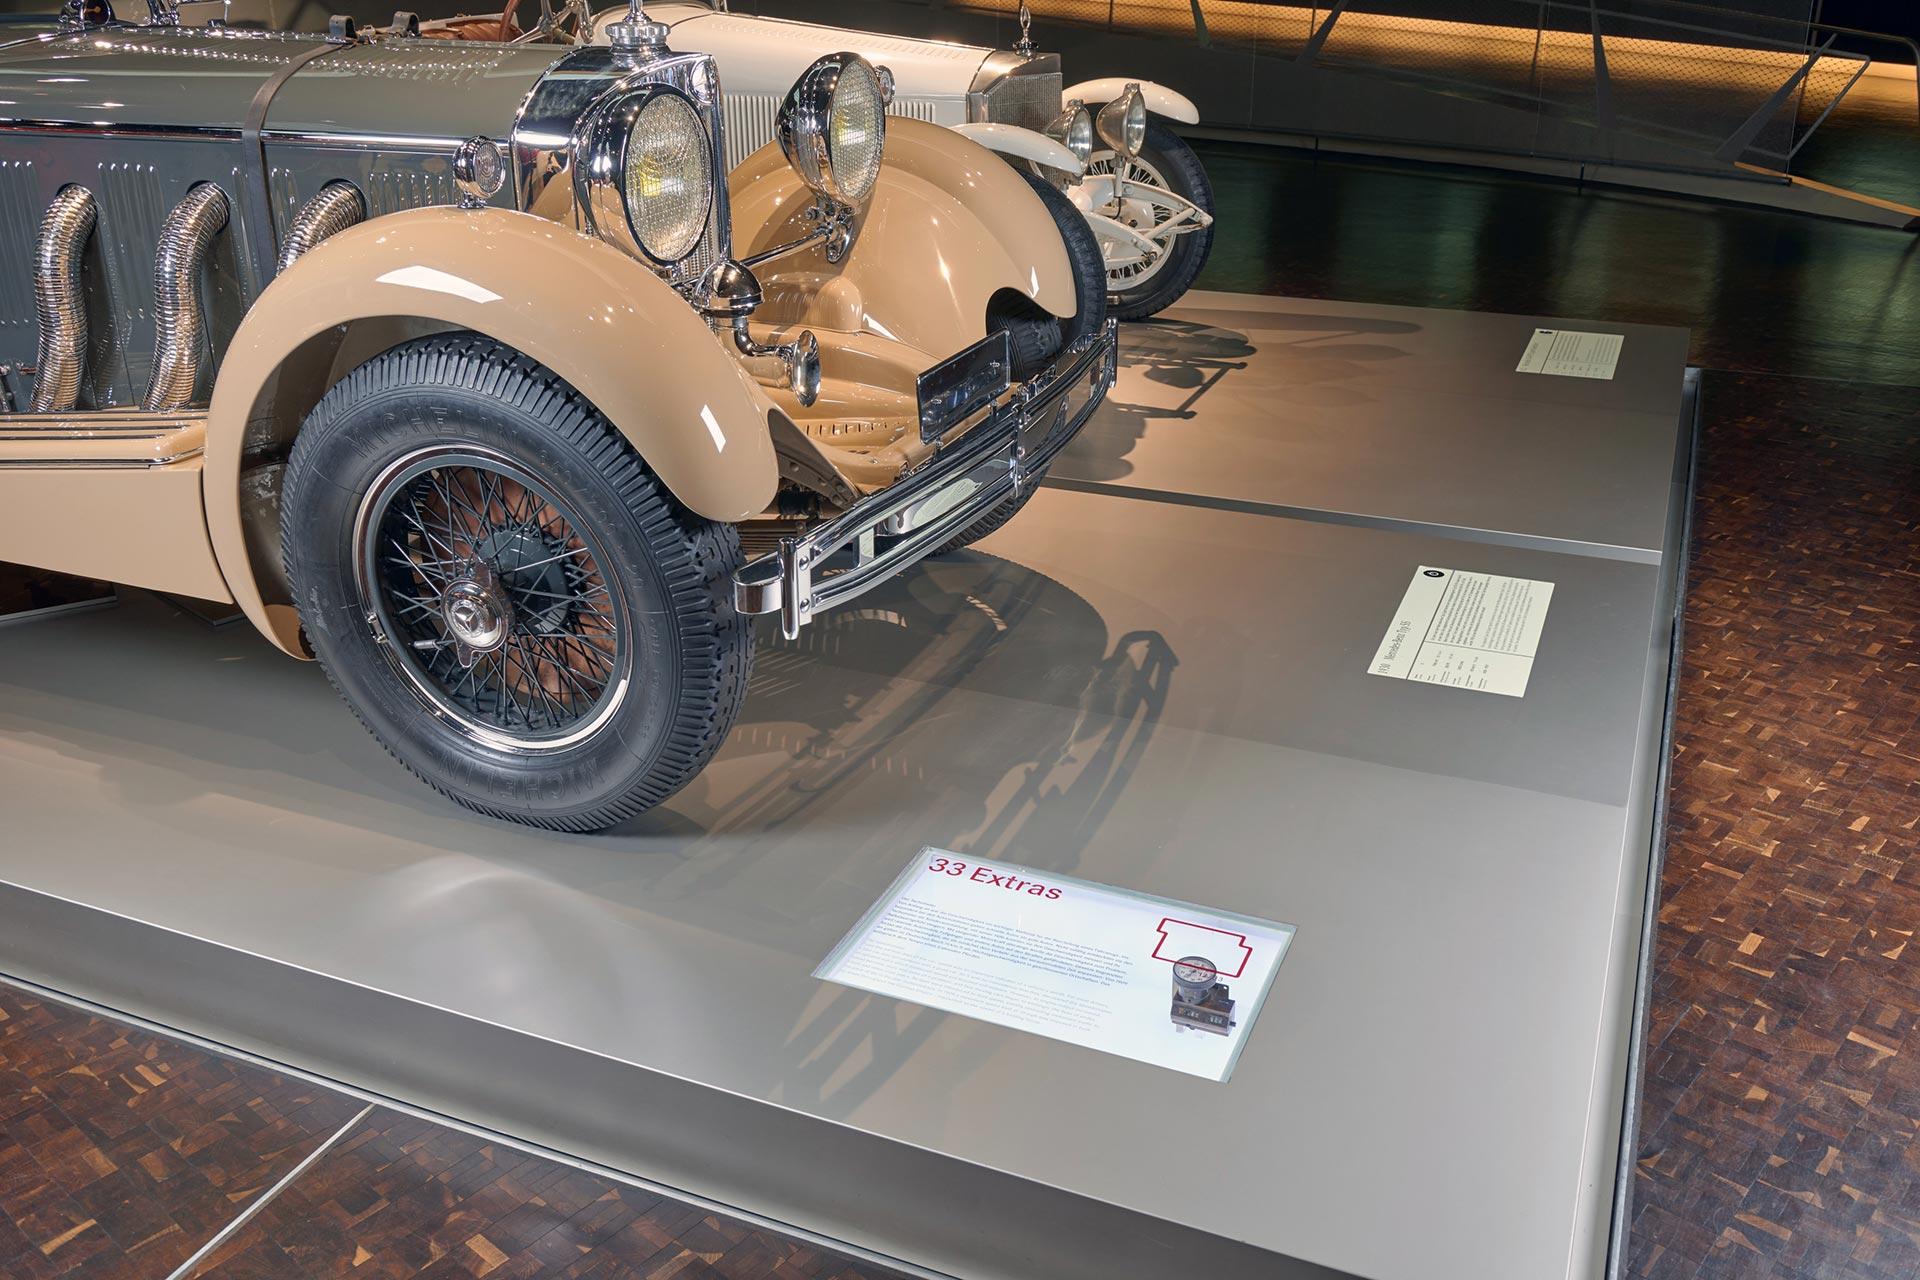 """Der Tachometer: Er misst die Geschwindigkeit und stellt diese als Zahlenwert dar. Der Tachometer der """"33 Extras"""" des Mercedes-Benz Museums im Mythosraum 3 """"Umbrüche – Diesel und Kompressor"""" ist eine Sonderausstattung und reicht bis 100 km/h."""